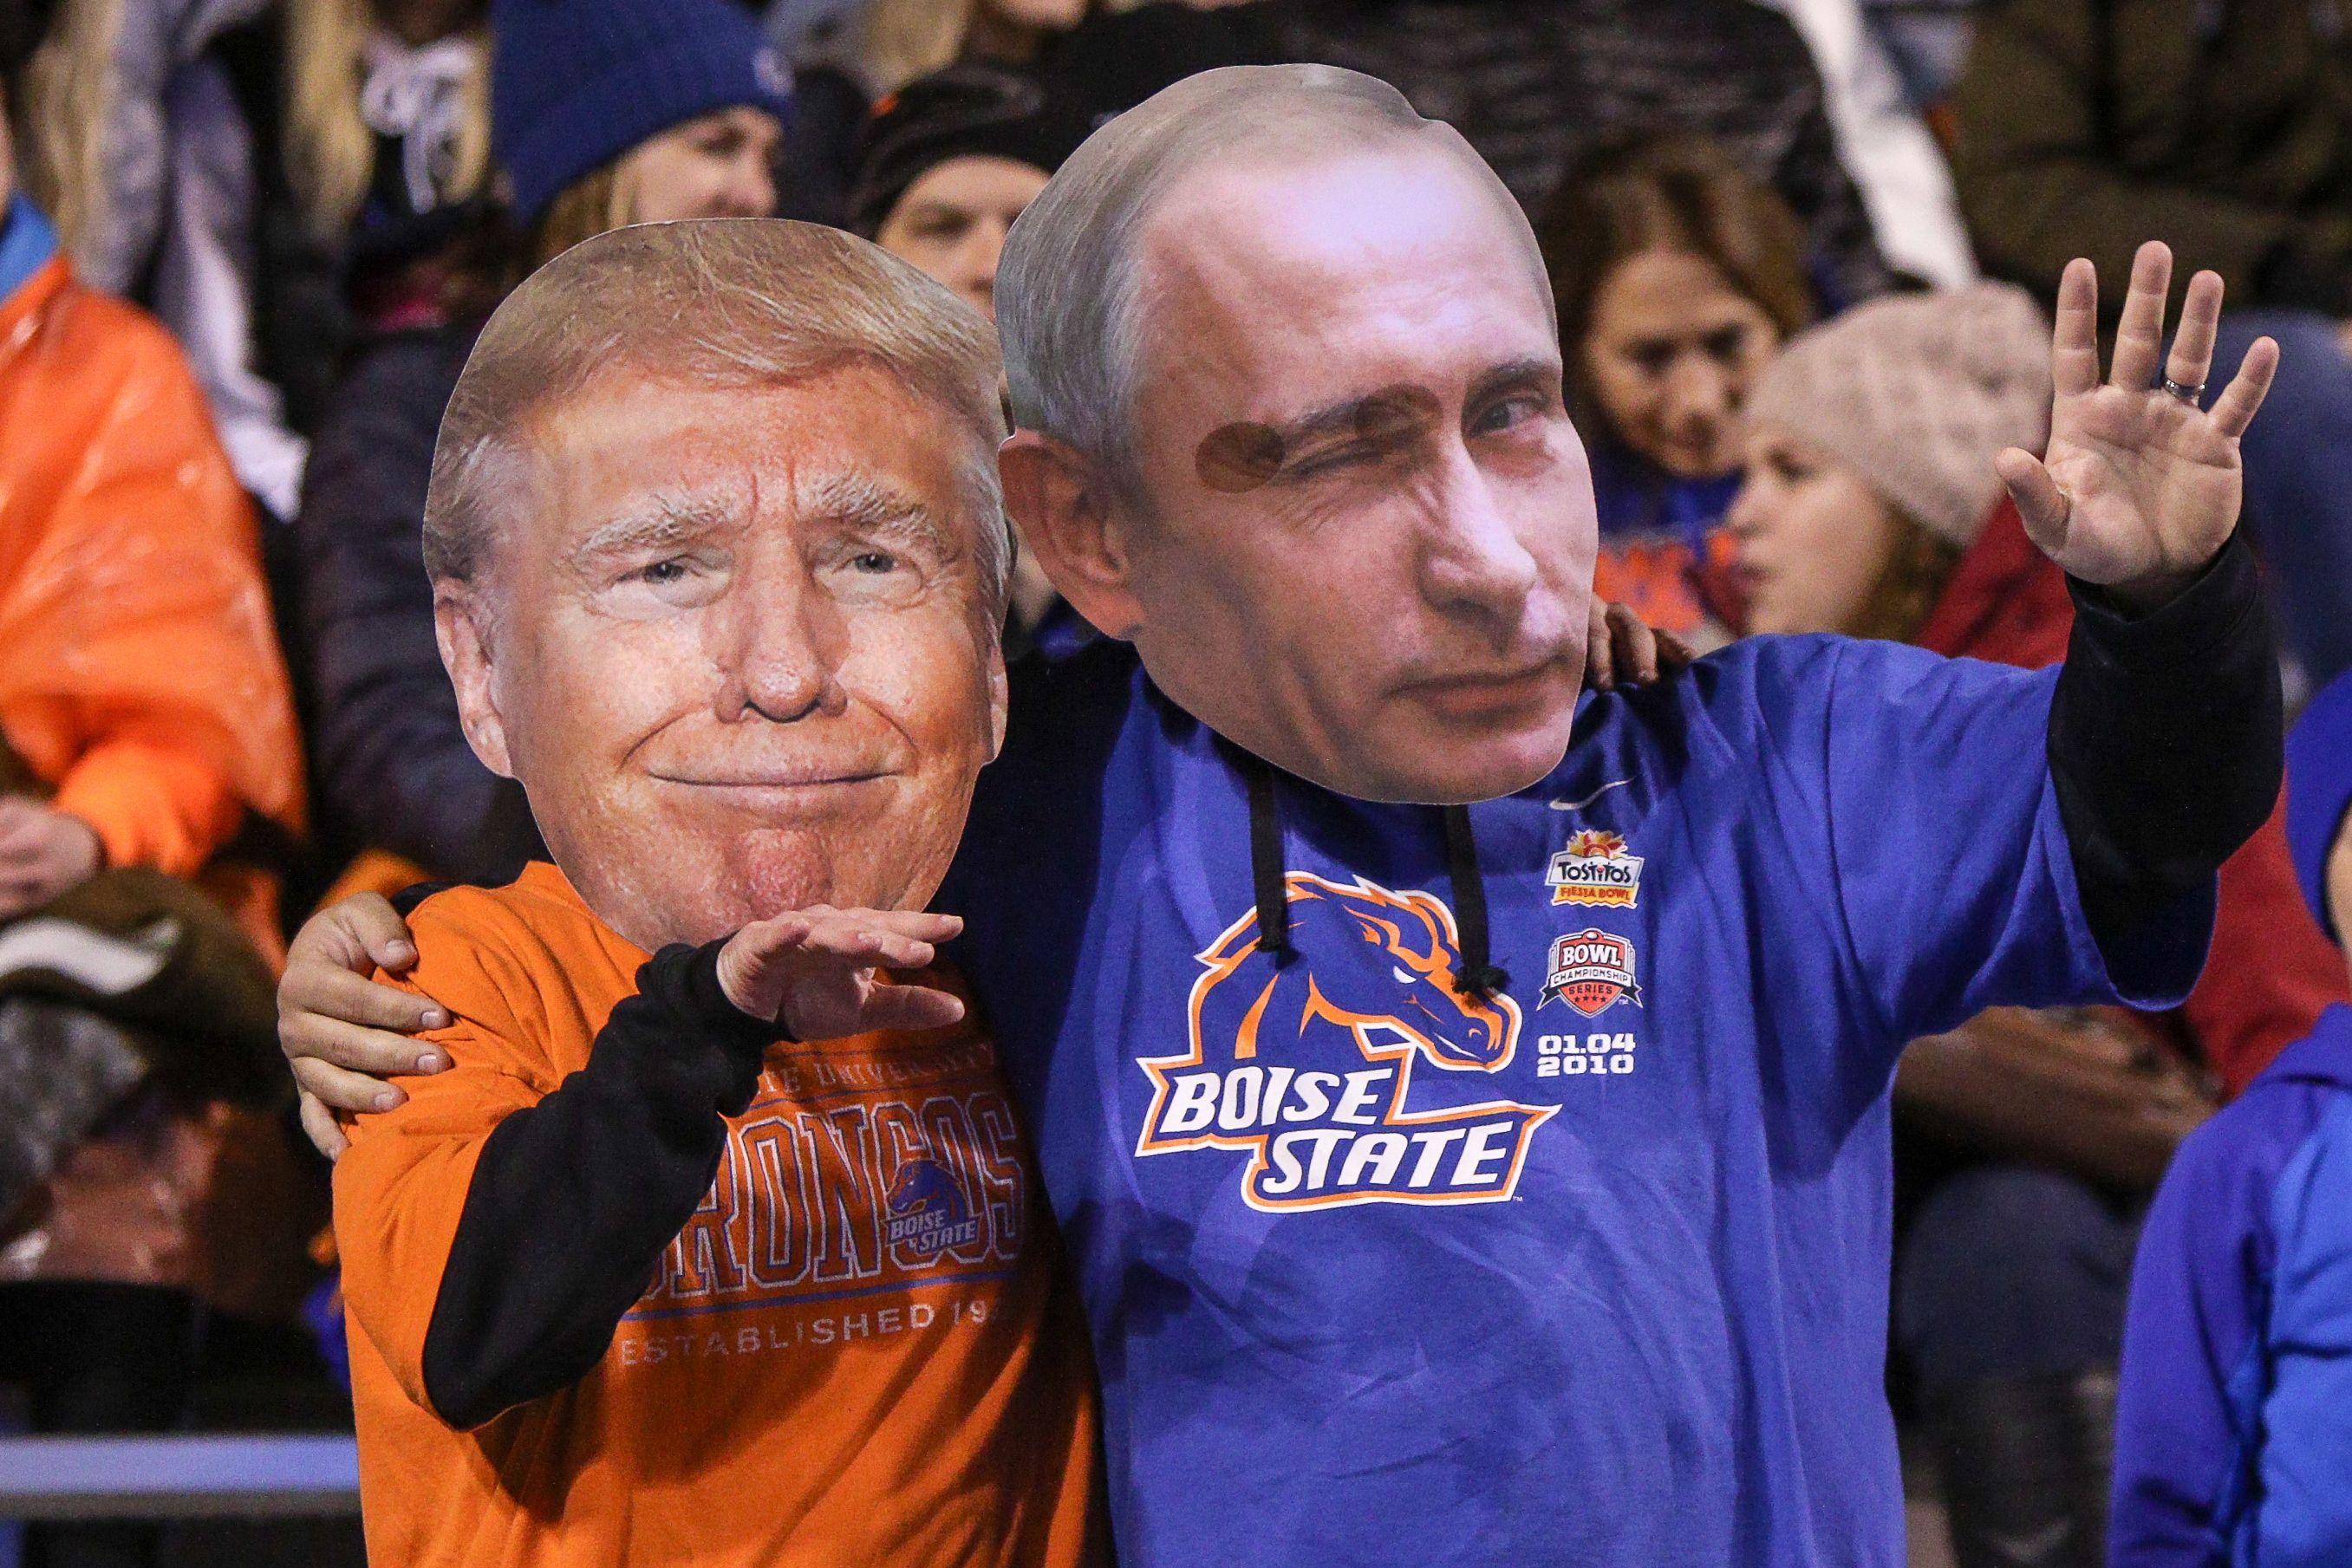 Трамп и Путин живут в другой реальности